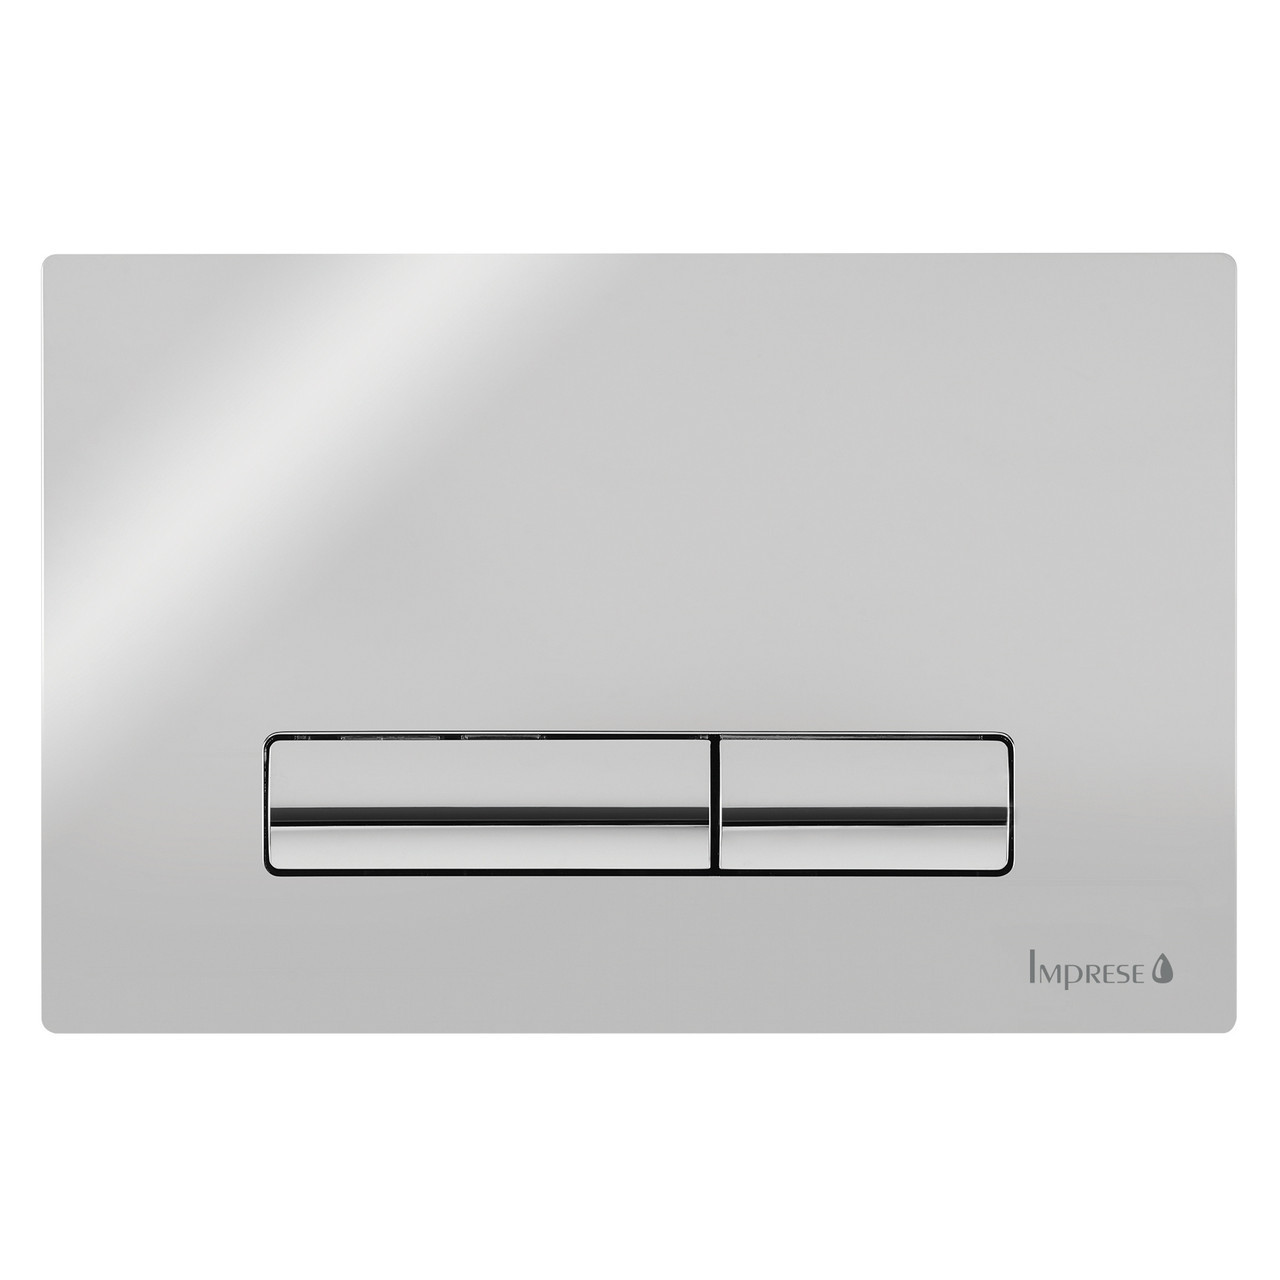 Клавиша смыва Imprese Pani i9100OLIPURE хром